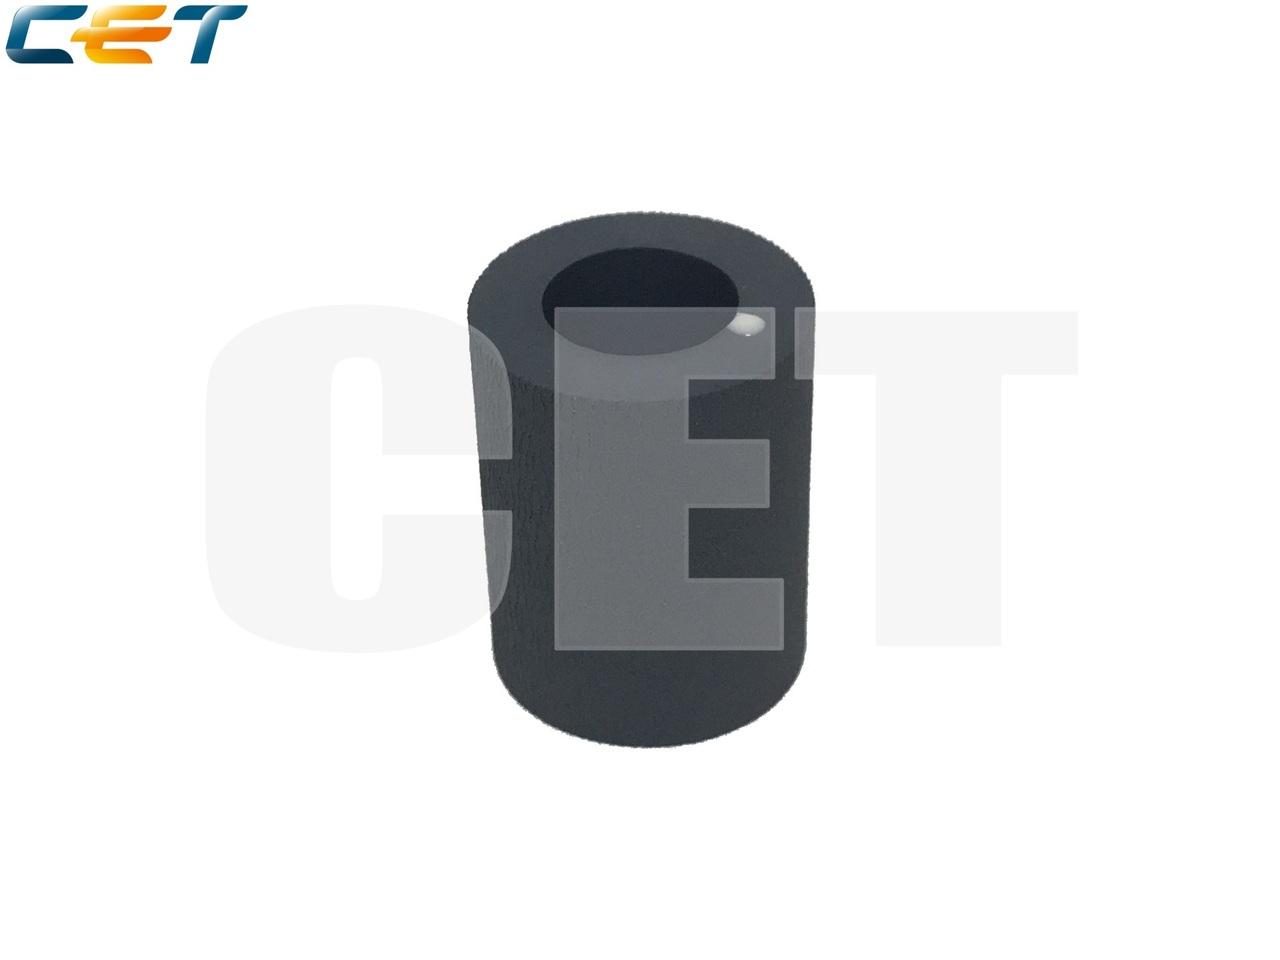 Резинка ролика отделения 2AR07230 для KYOCERAKM-1620/1635/2035/2530/3035 (CET), CET8853, CET8853R